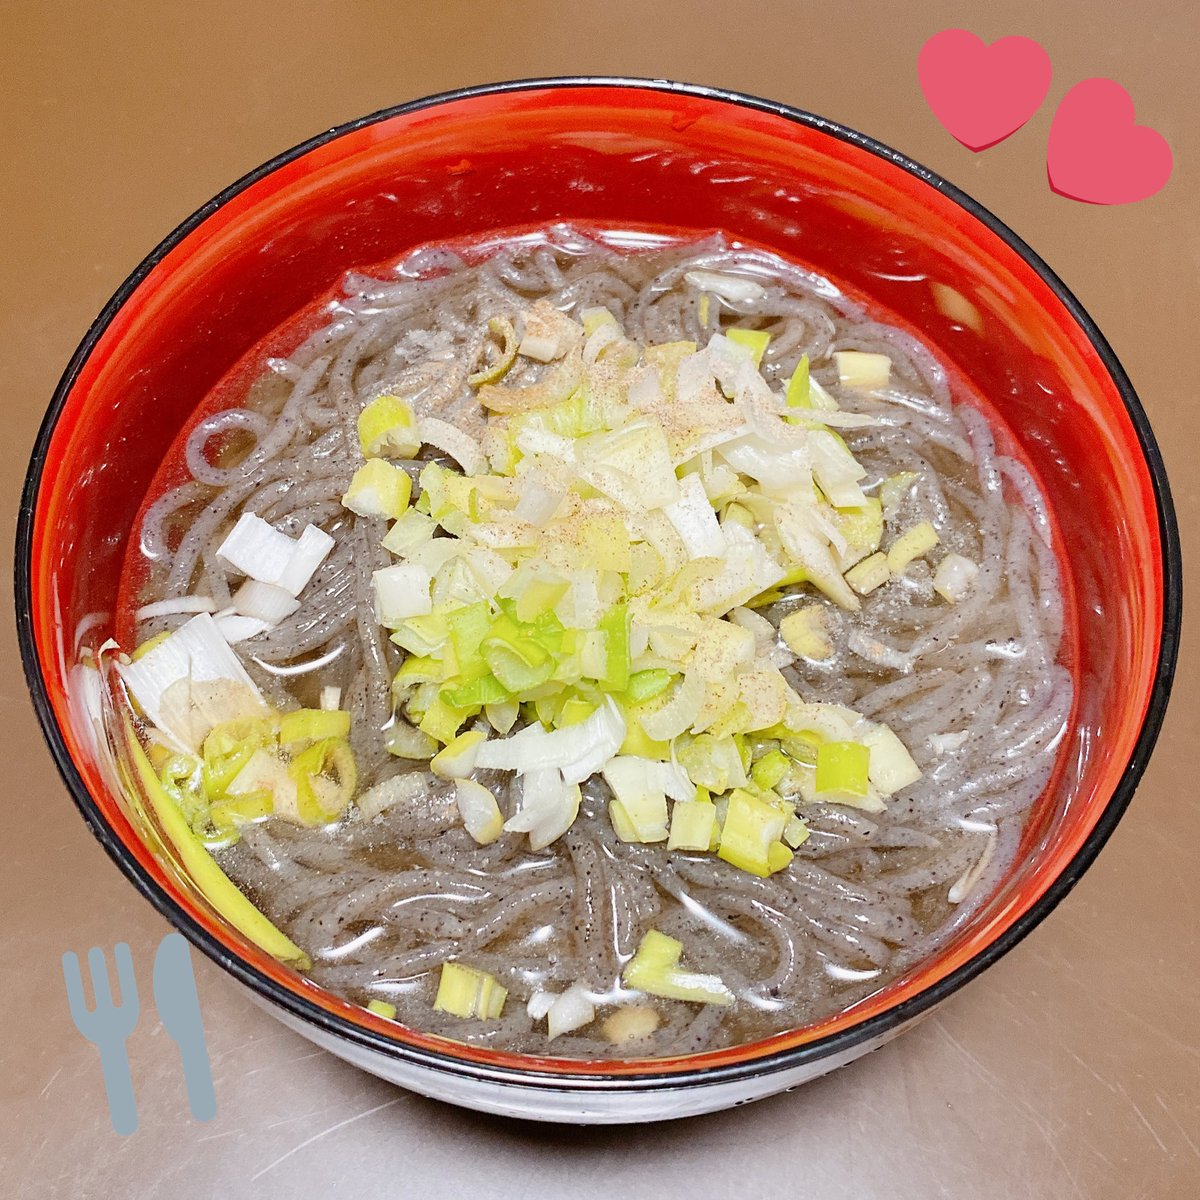 夏にぴったりなさっぱり料理!明太子や大根おろしを使ったうどんレシピ!